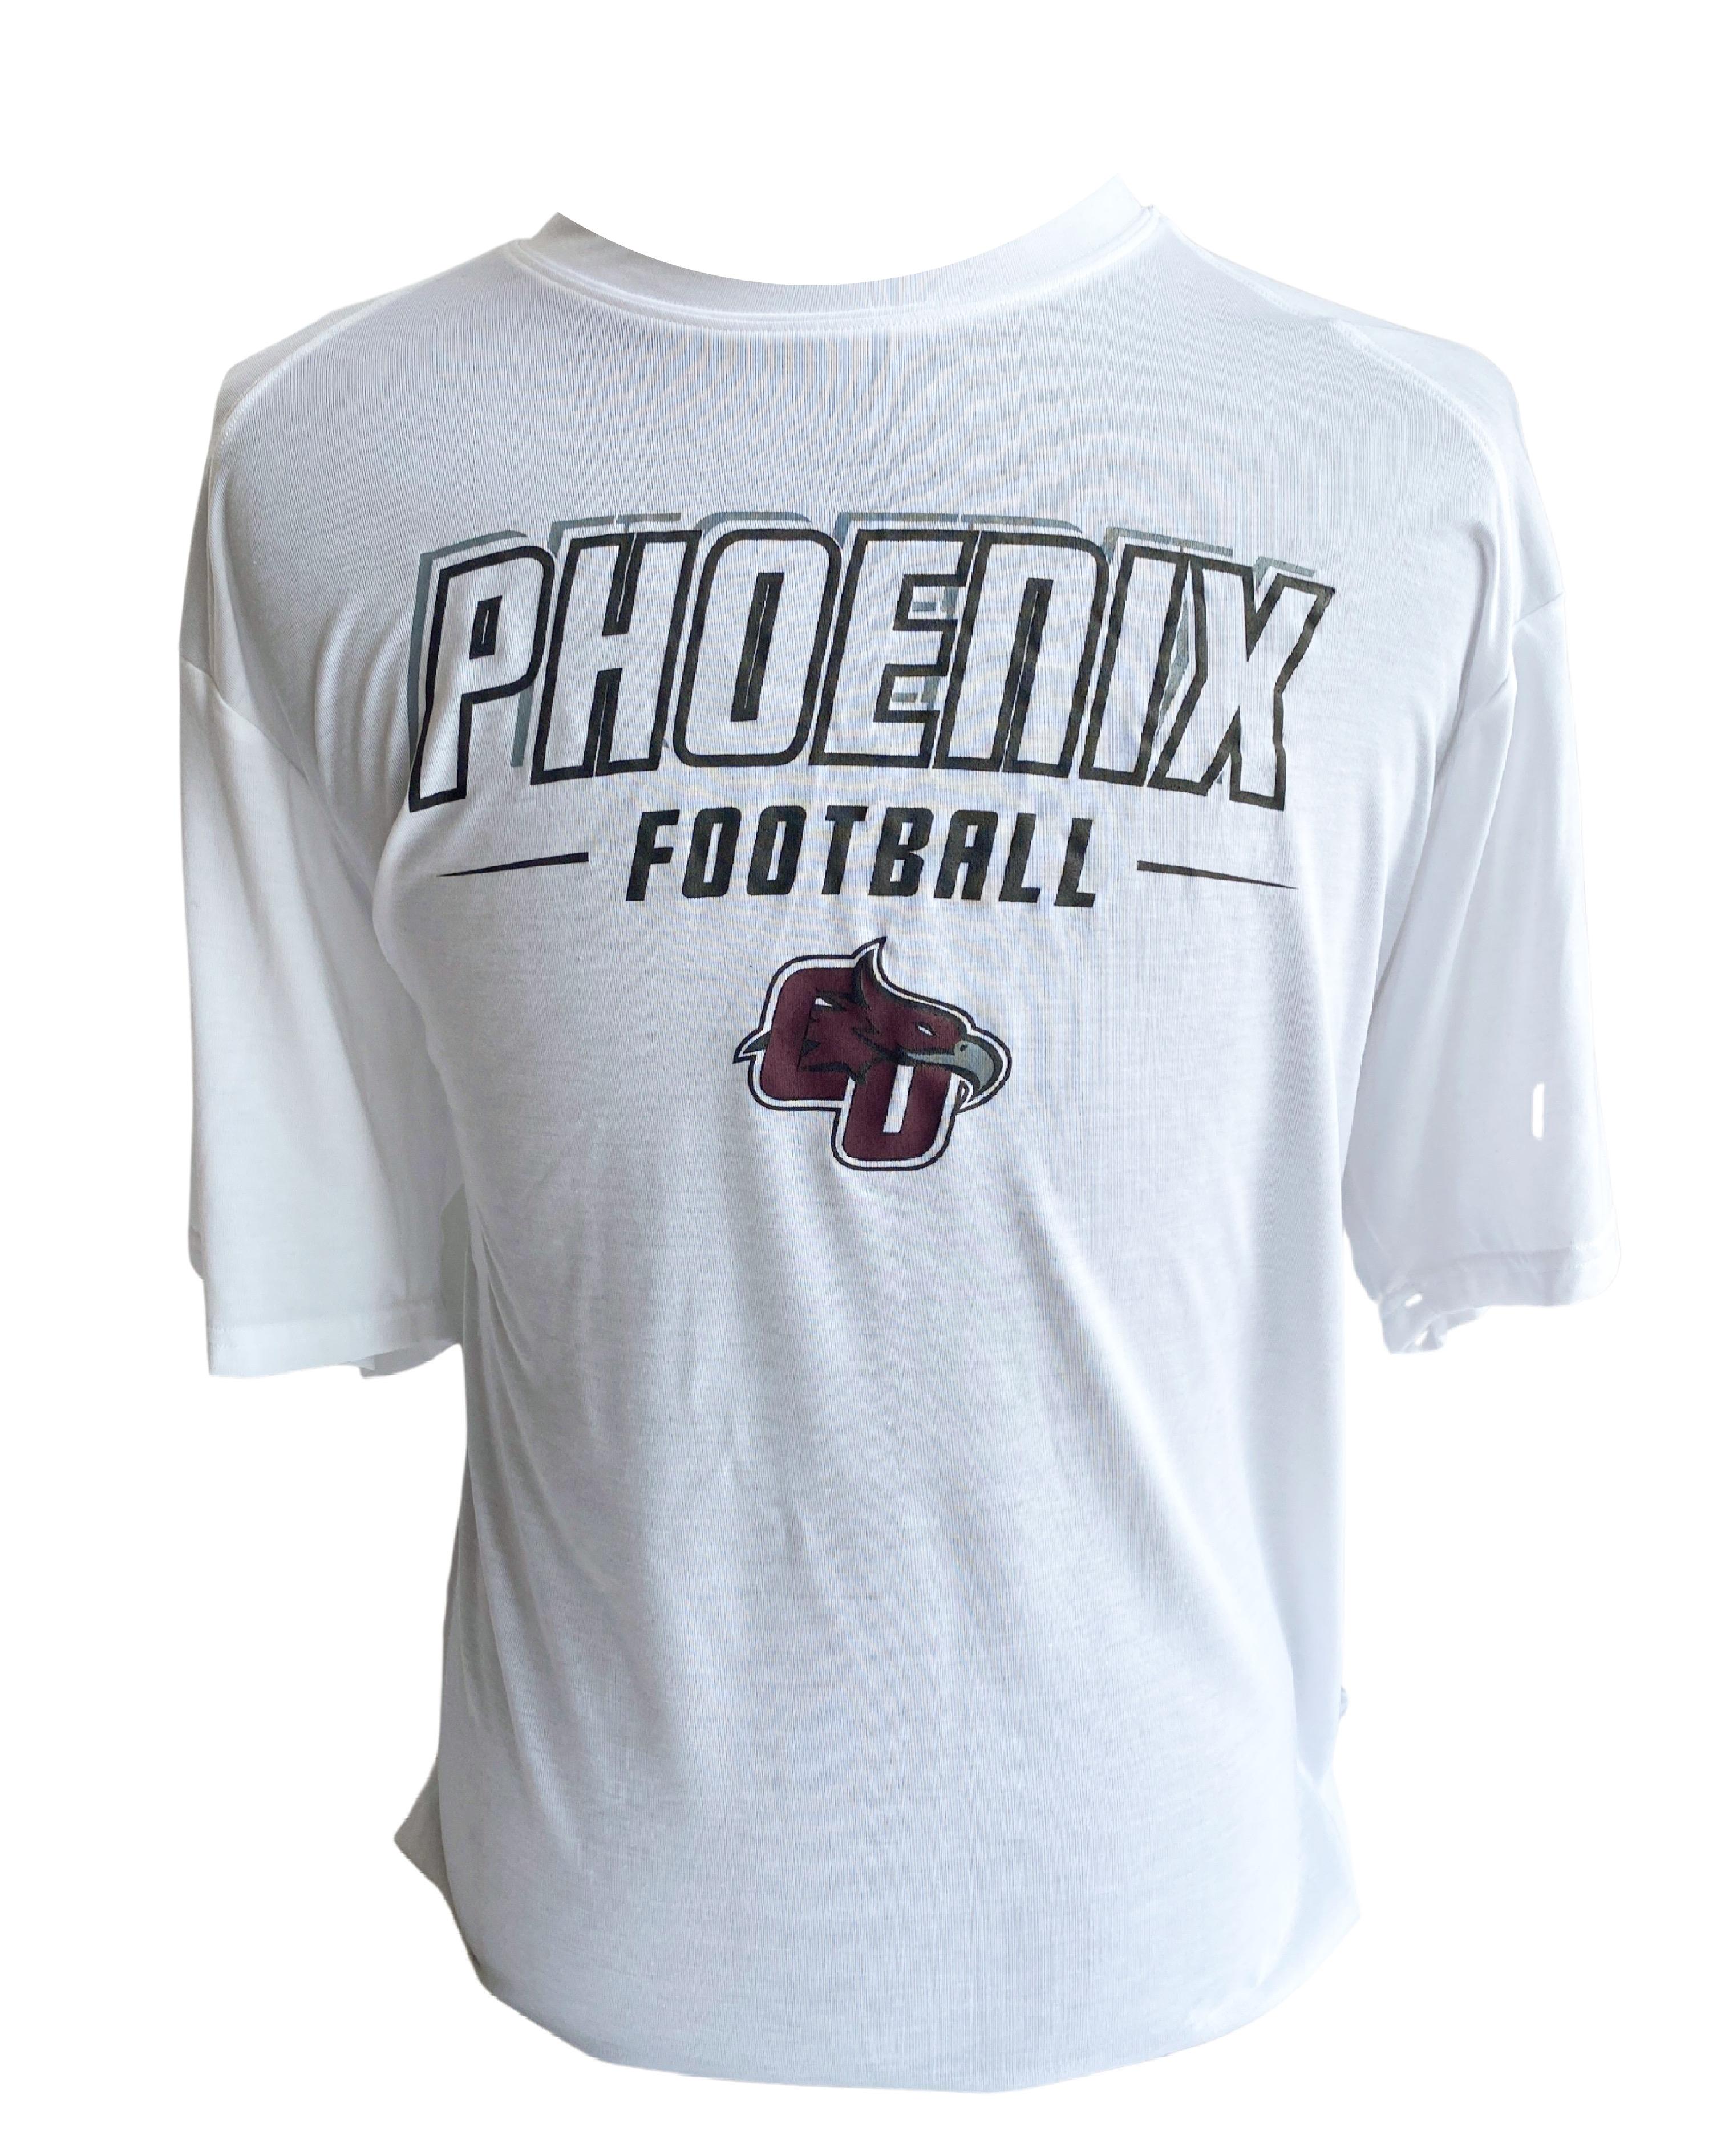 Phoenix Football Tech Shirt